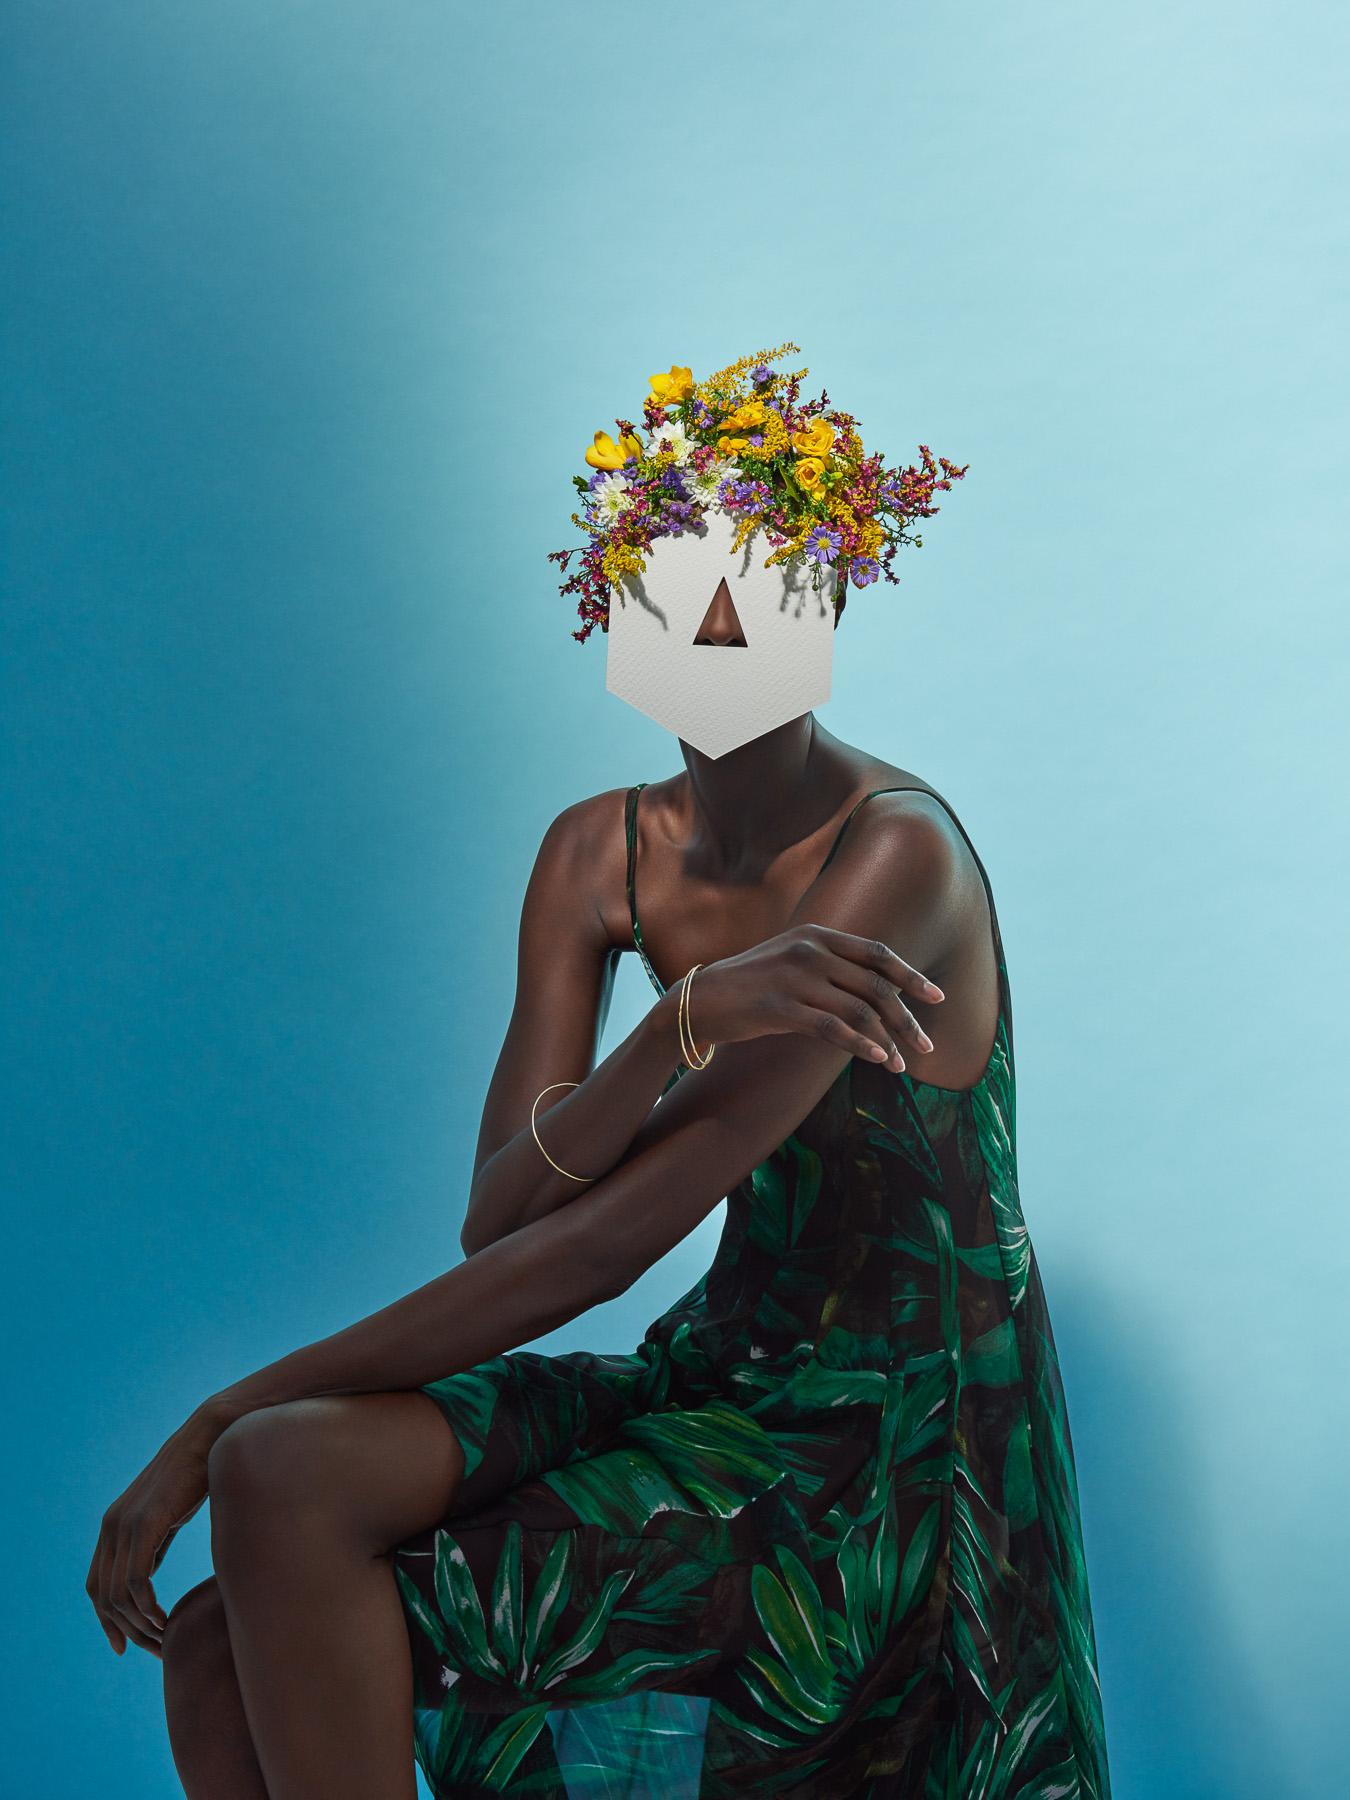 Isabelle_Chapuis-Alexis_Pichot-Grand_Musee_du_Parfum-2